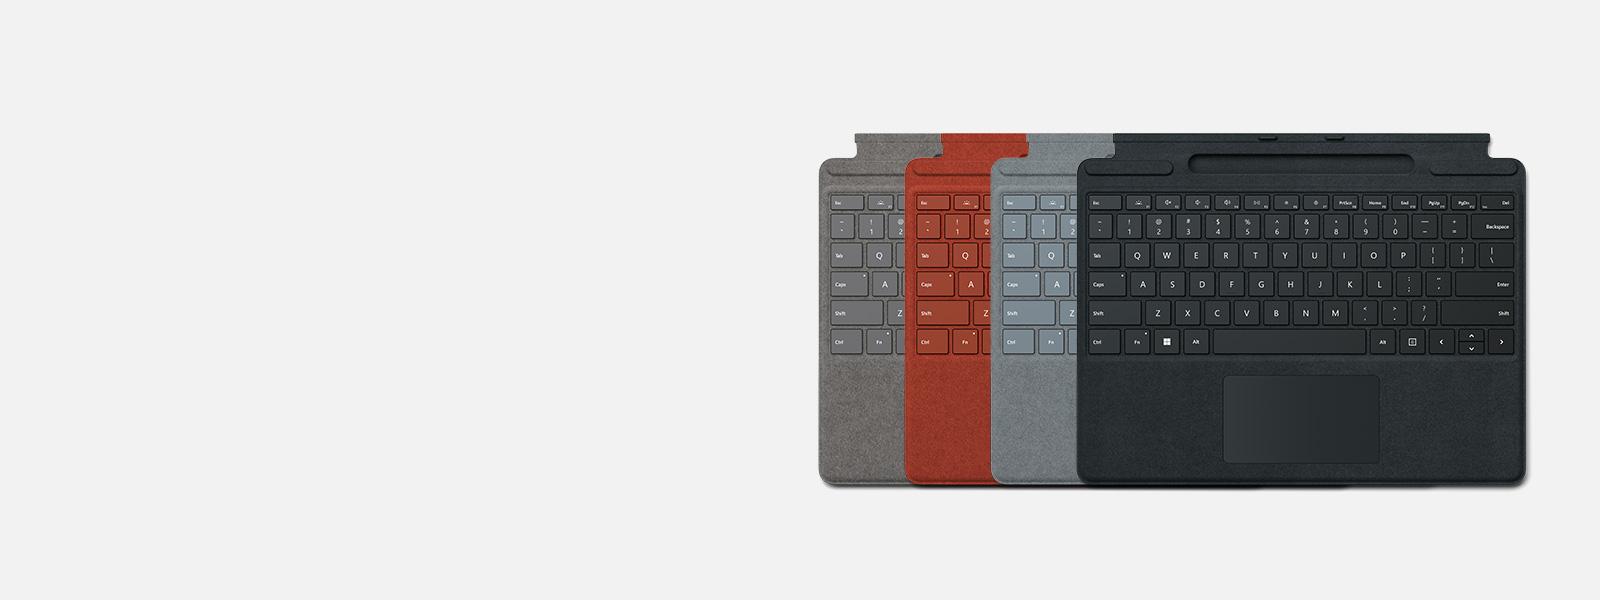 Surface Pro 特制版专业键盘盖